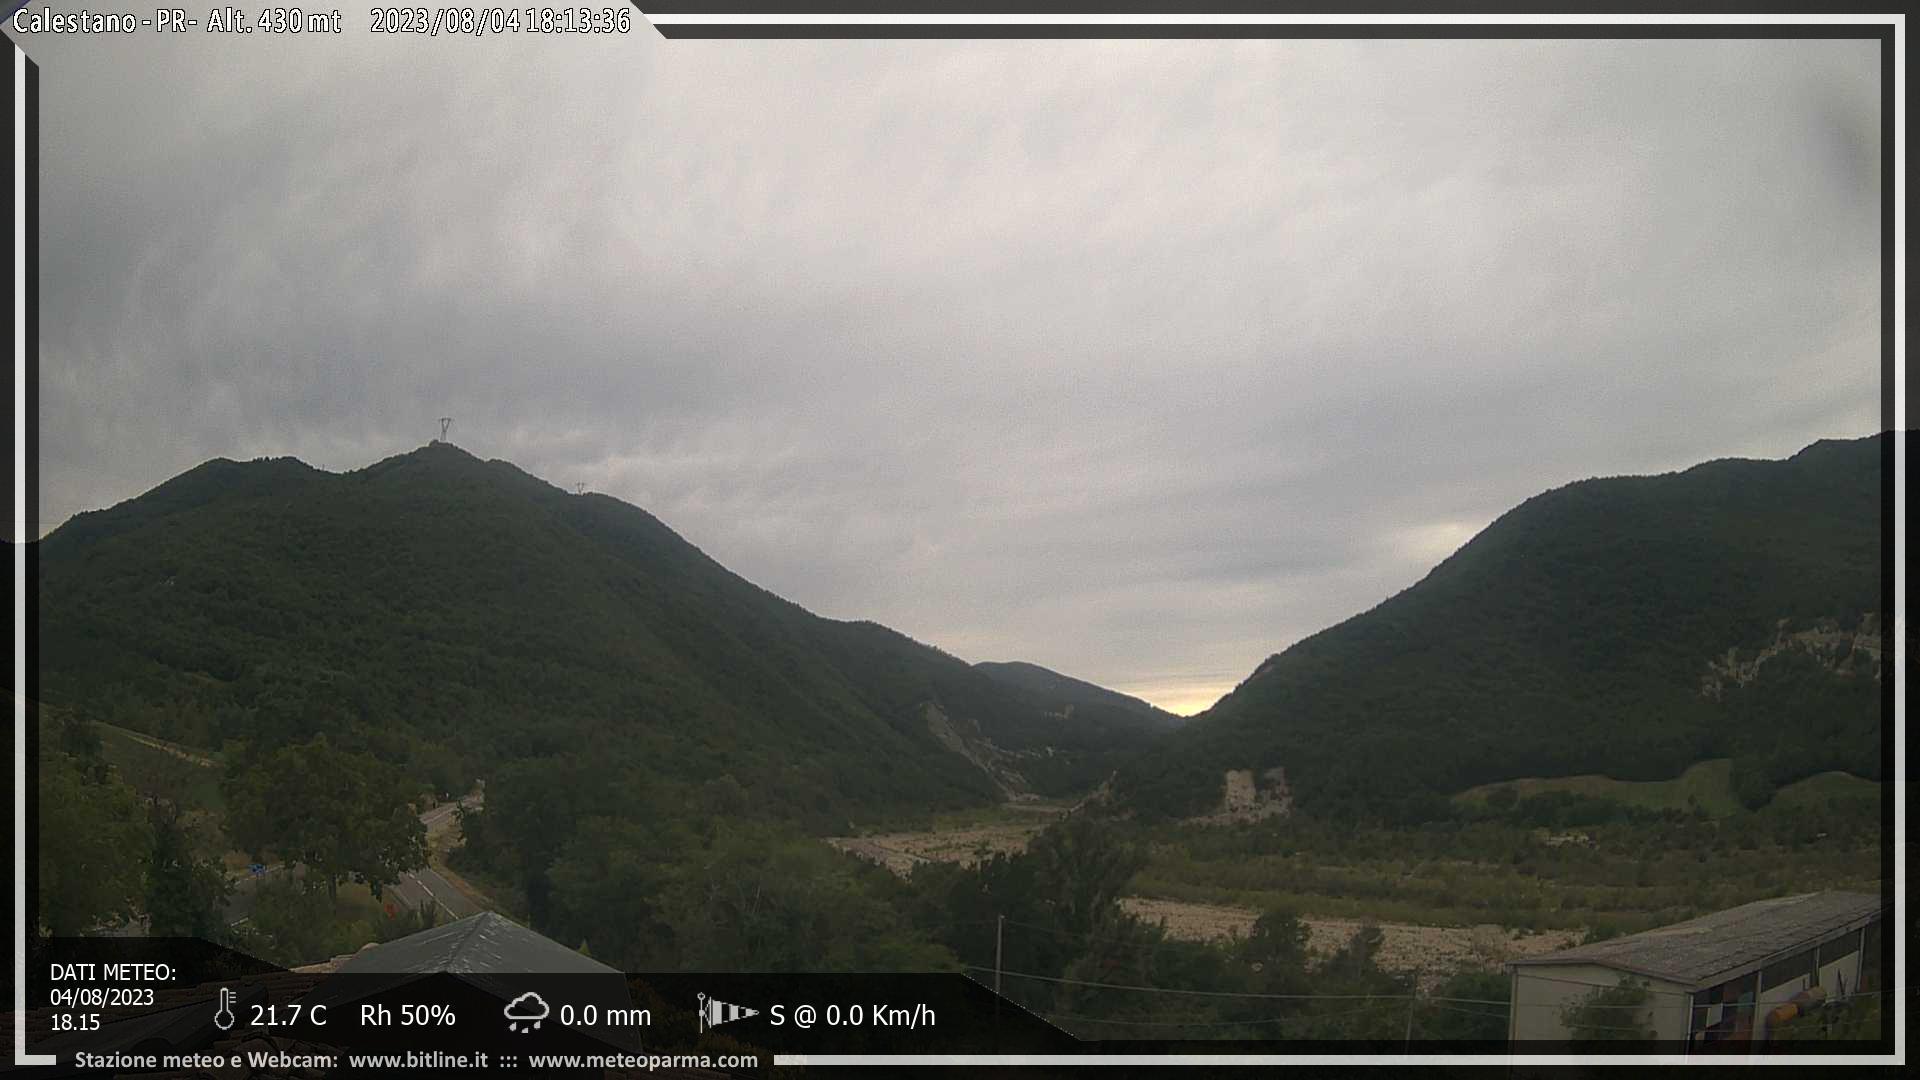 webcam calestano